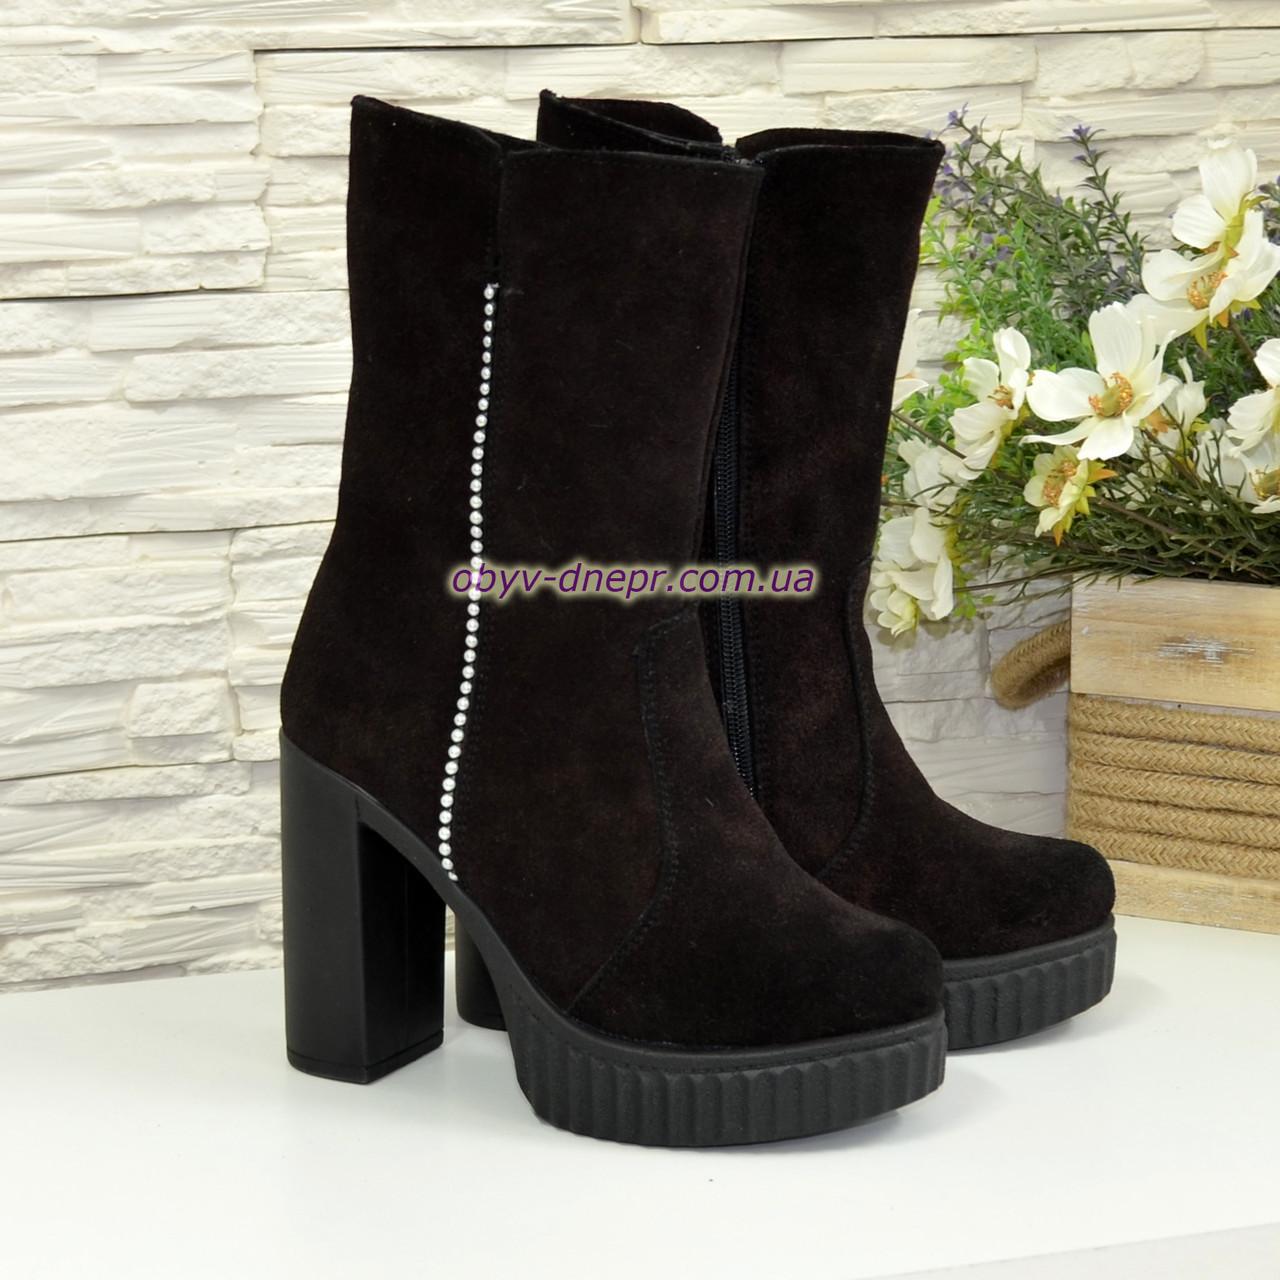 Ботинки зимние замшевые на высоком устойчивом каблуке. 38 размер